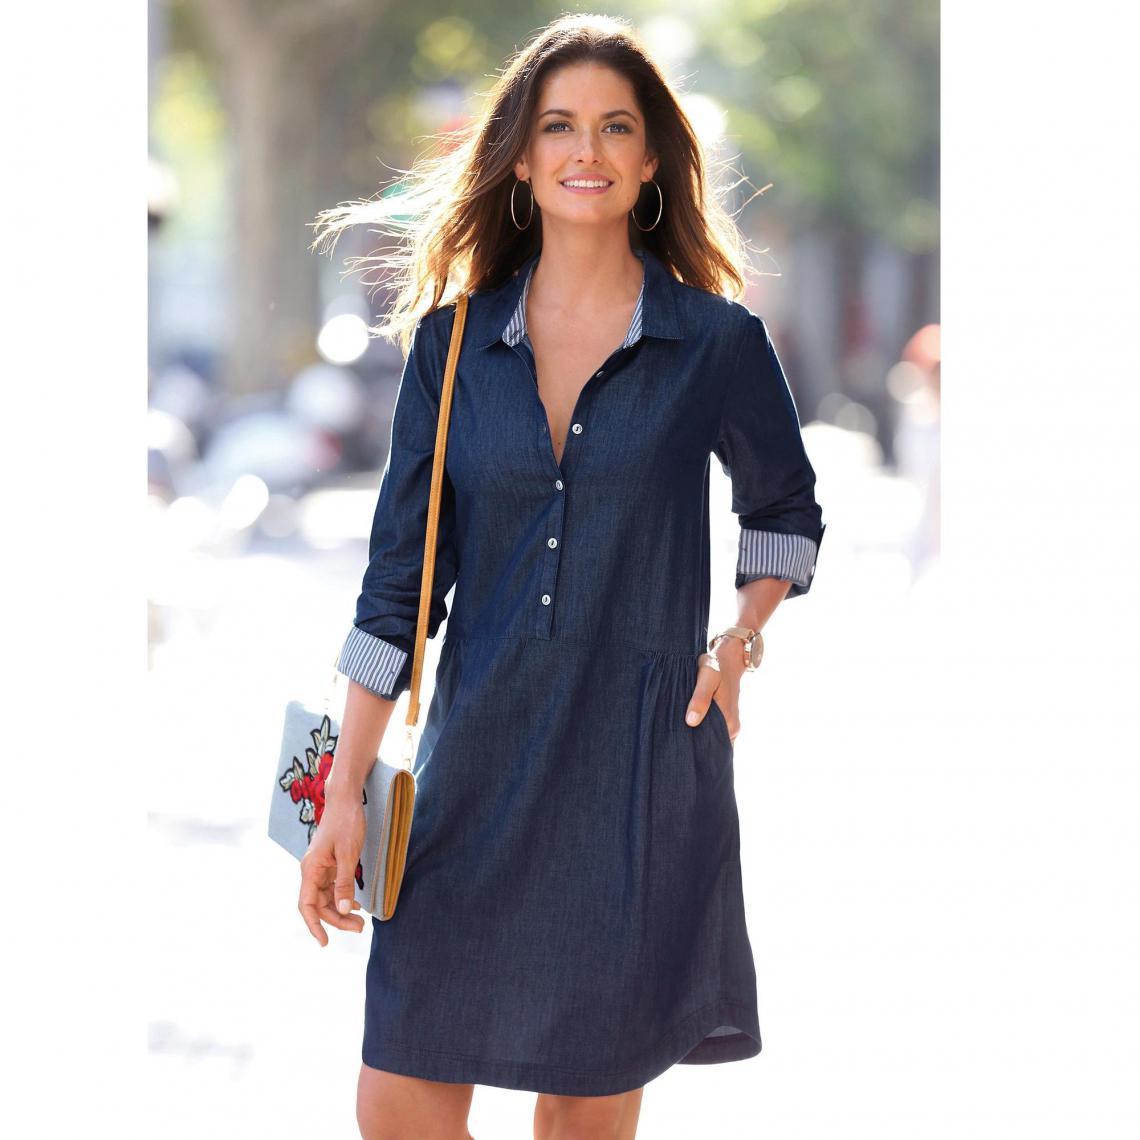 offres exclusives réputation fiable le dernier Robe en jean manches longues col chemise femme - bleu foncé ...